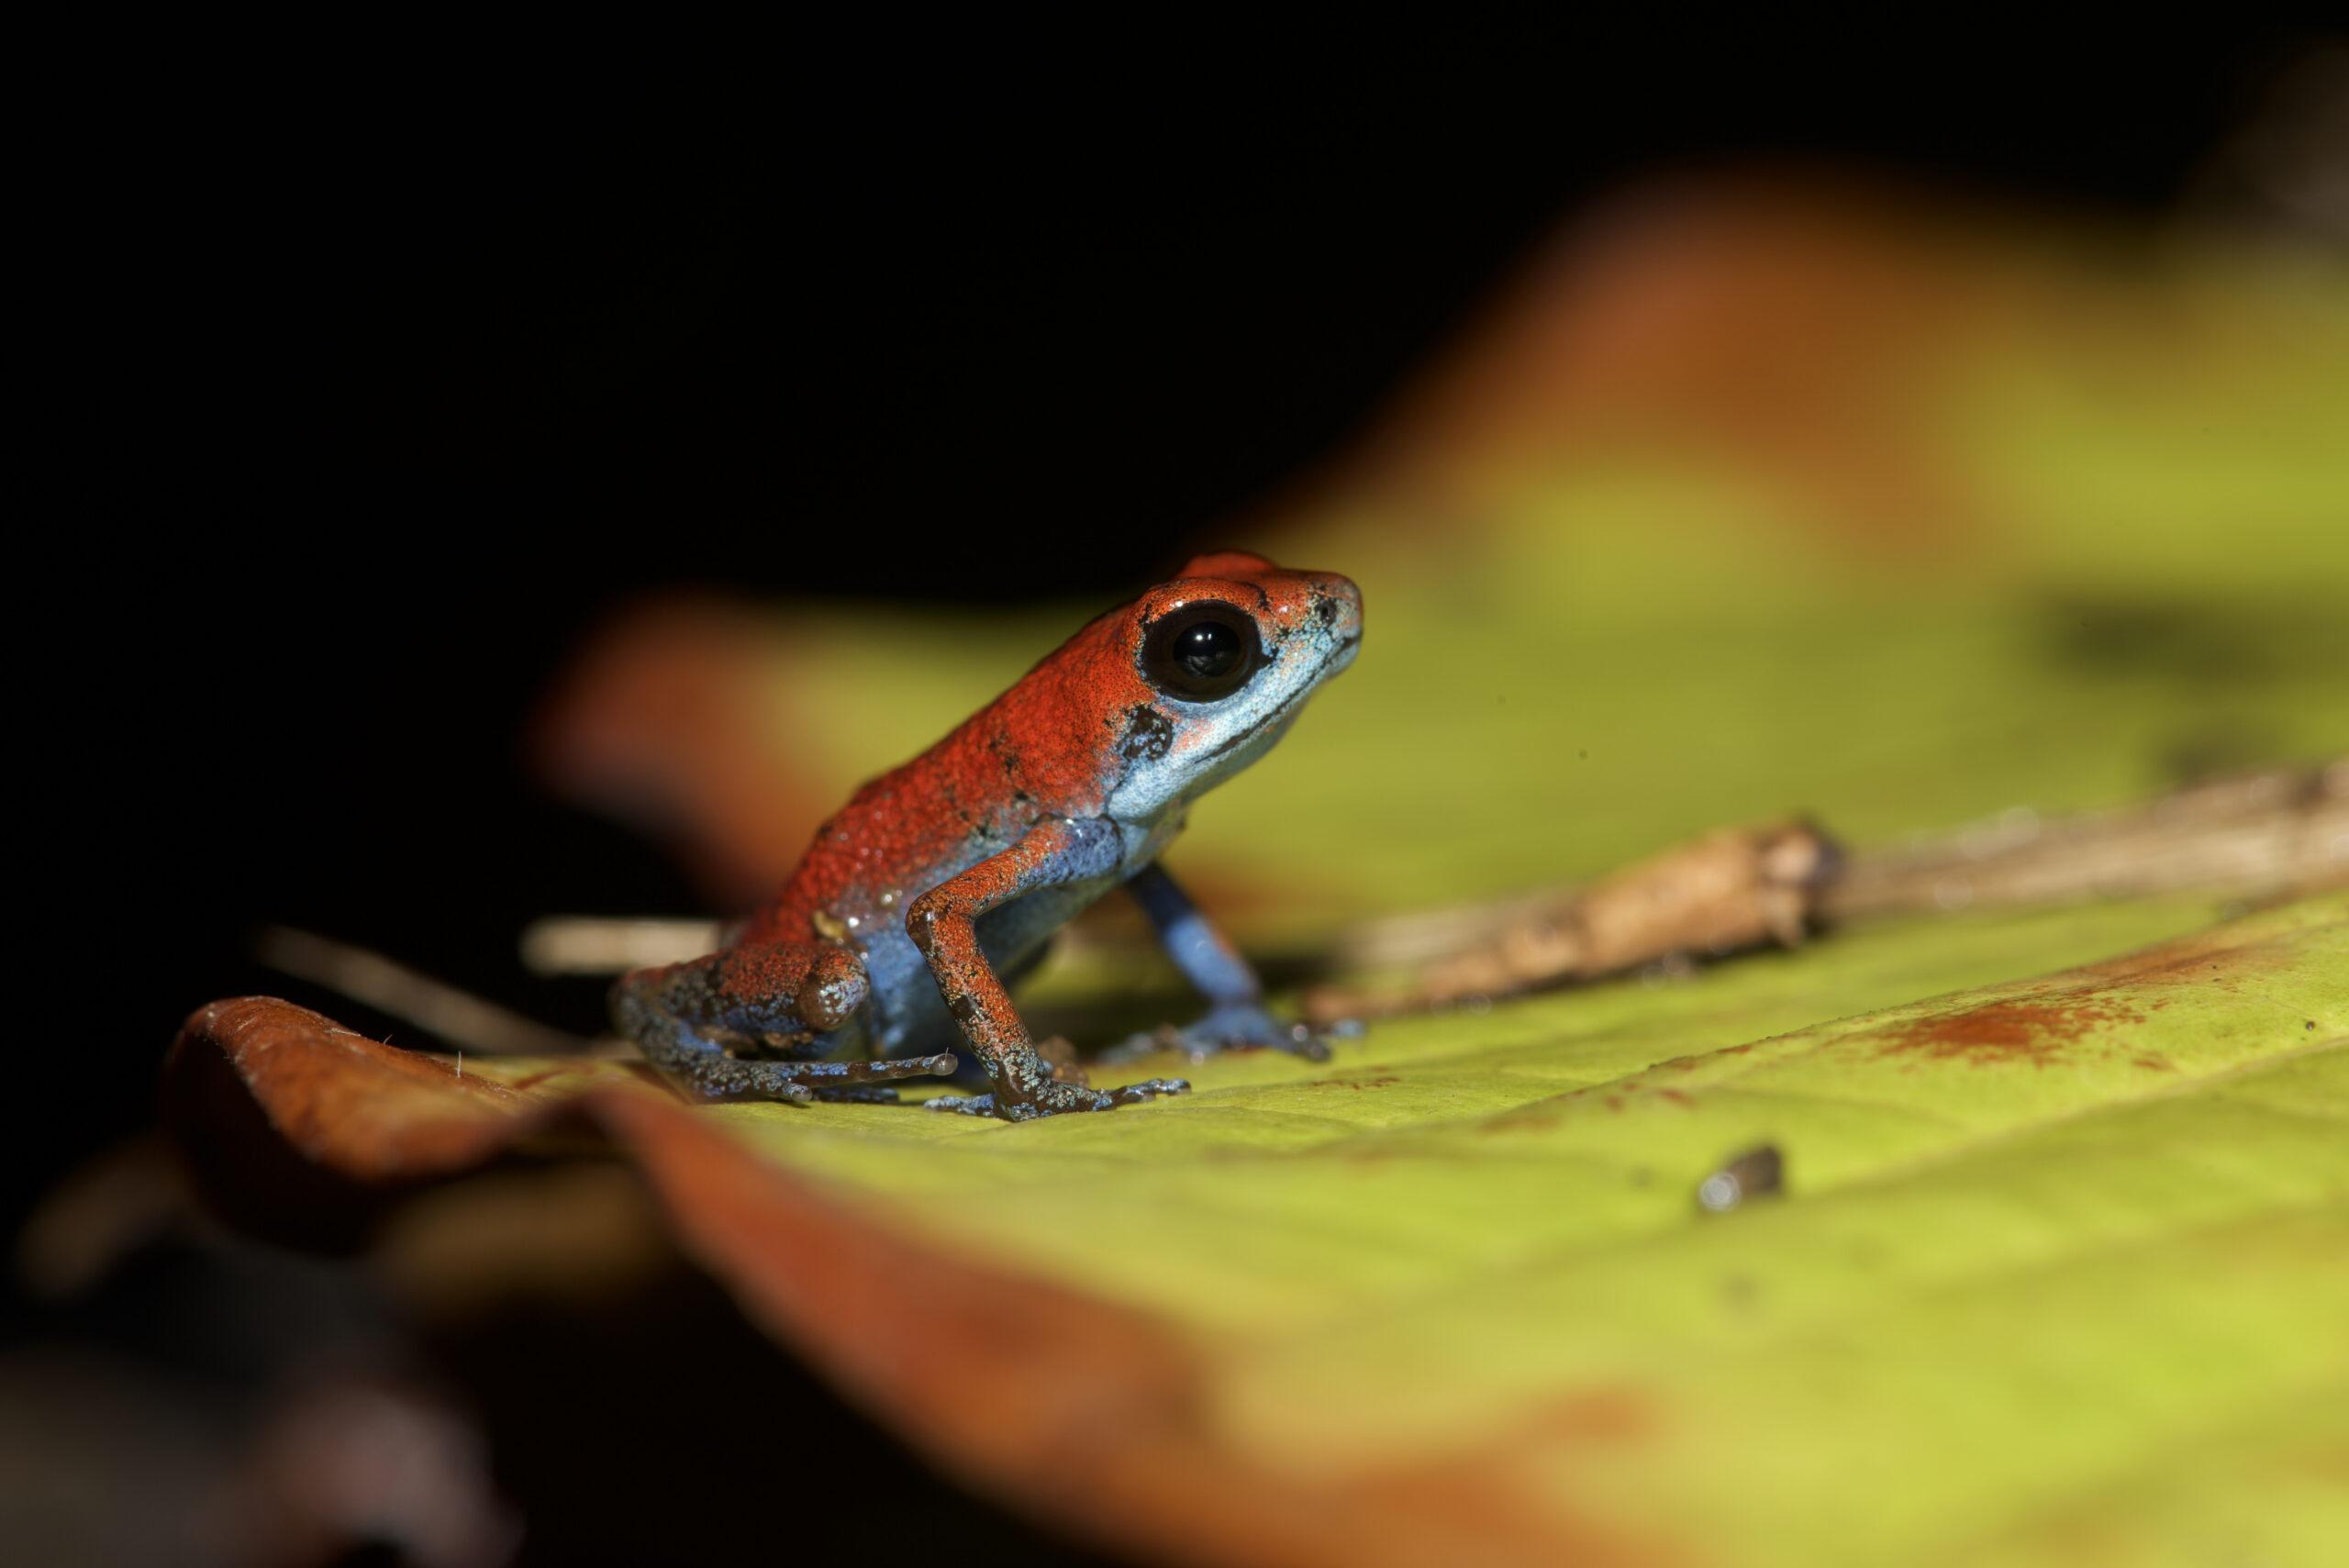 Oophaga pumilio from Isla Escudo de Veraguas, Bocas del Toro, Panama - by E. Van Heygen.